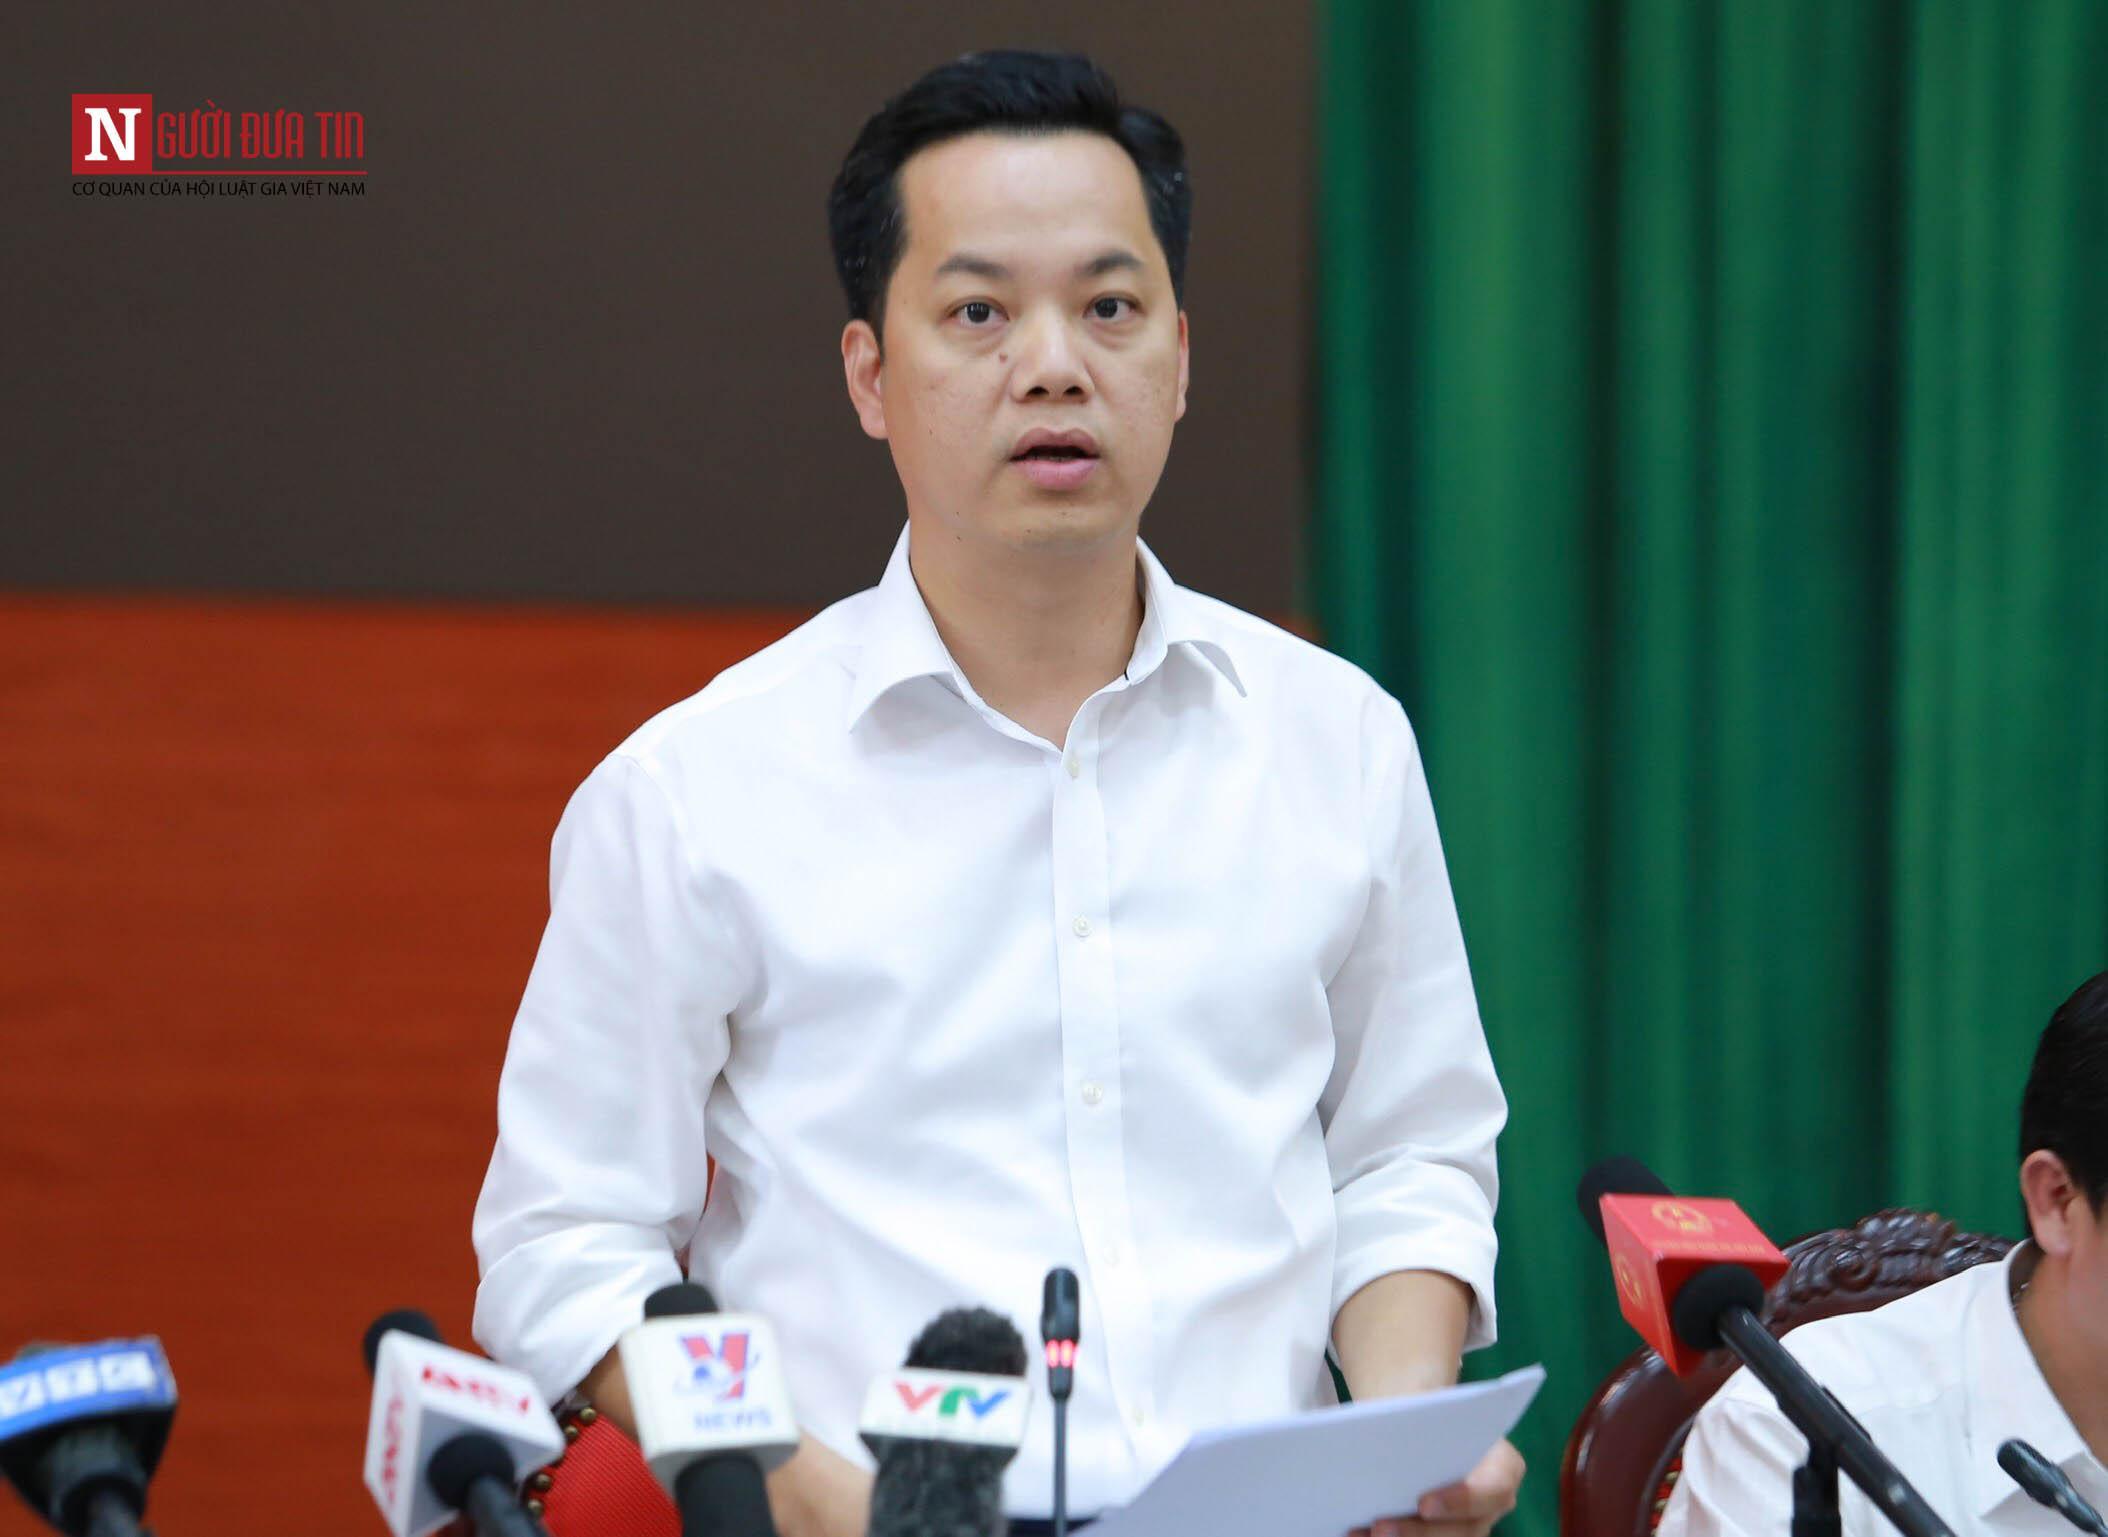 Hà Nội: Thông tin chính thức về tình trạng ô nhiễm không khí, bụi tăng kỷ lục 1